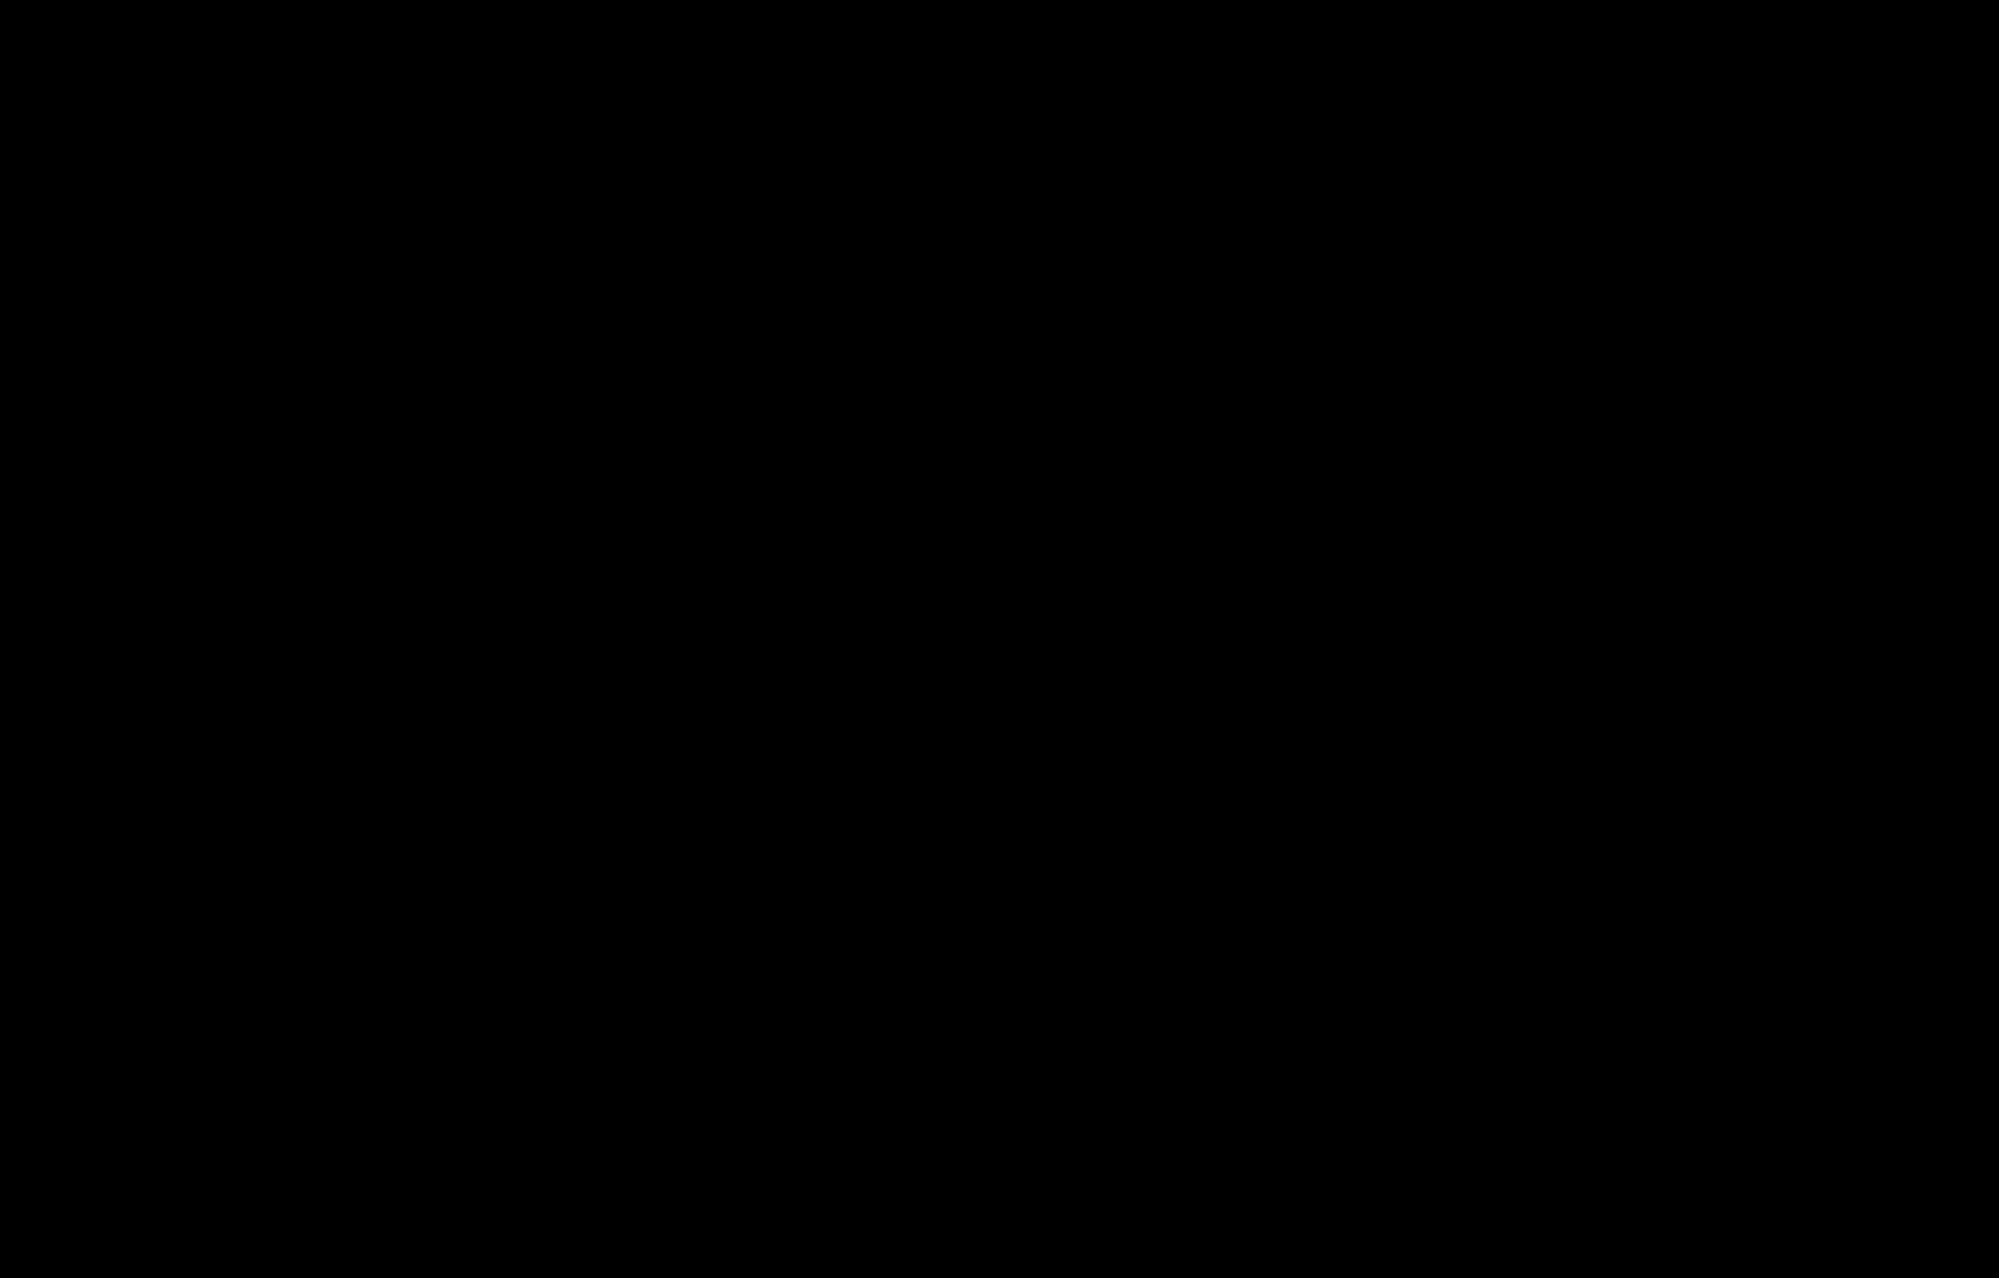 Instituto Nacional de Cine y Artes Audiovisuales